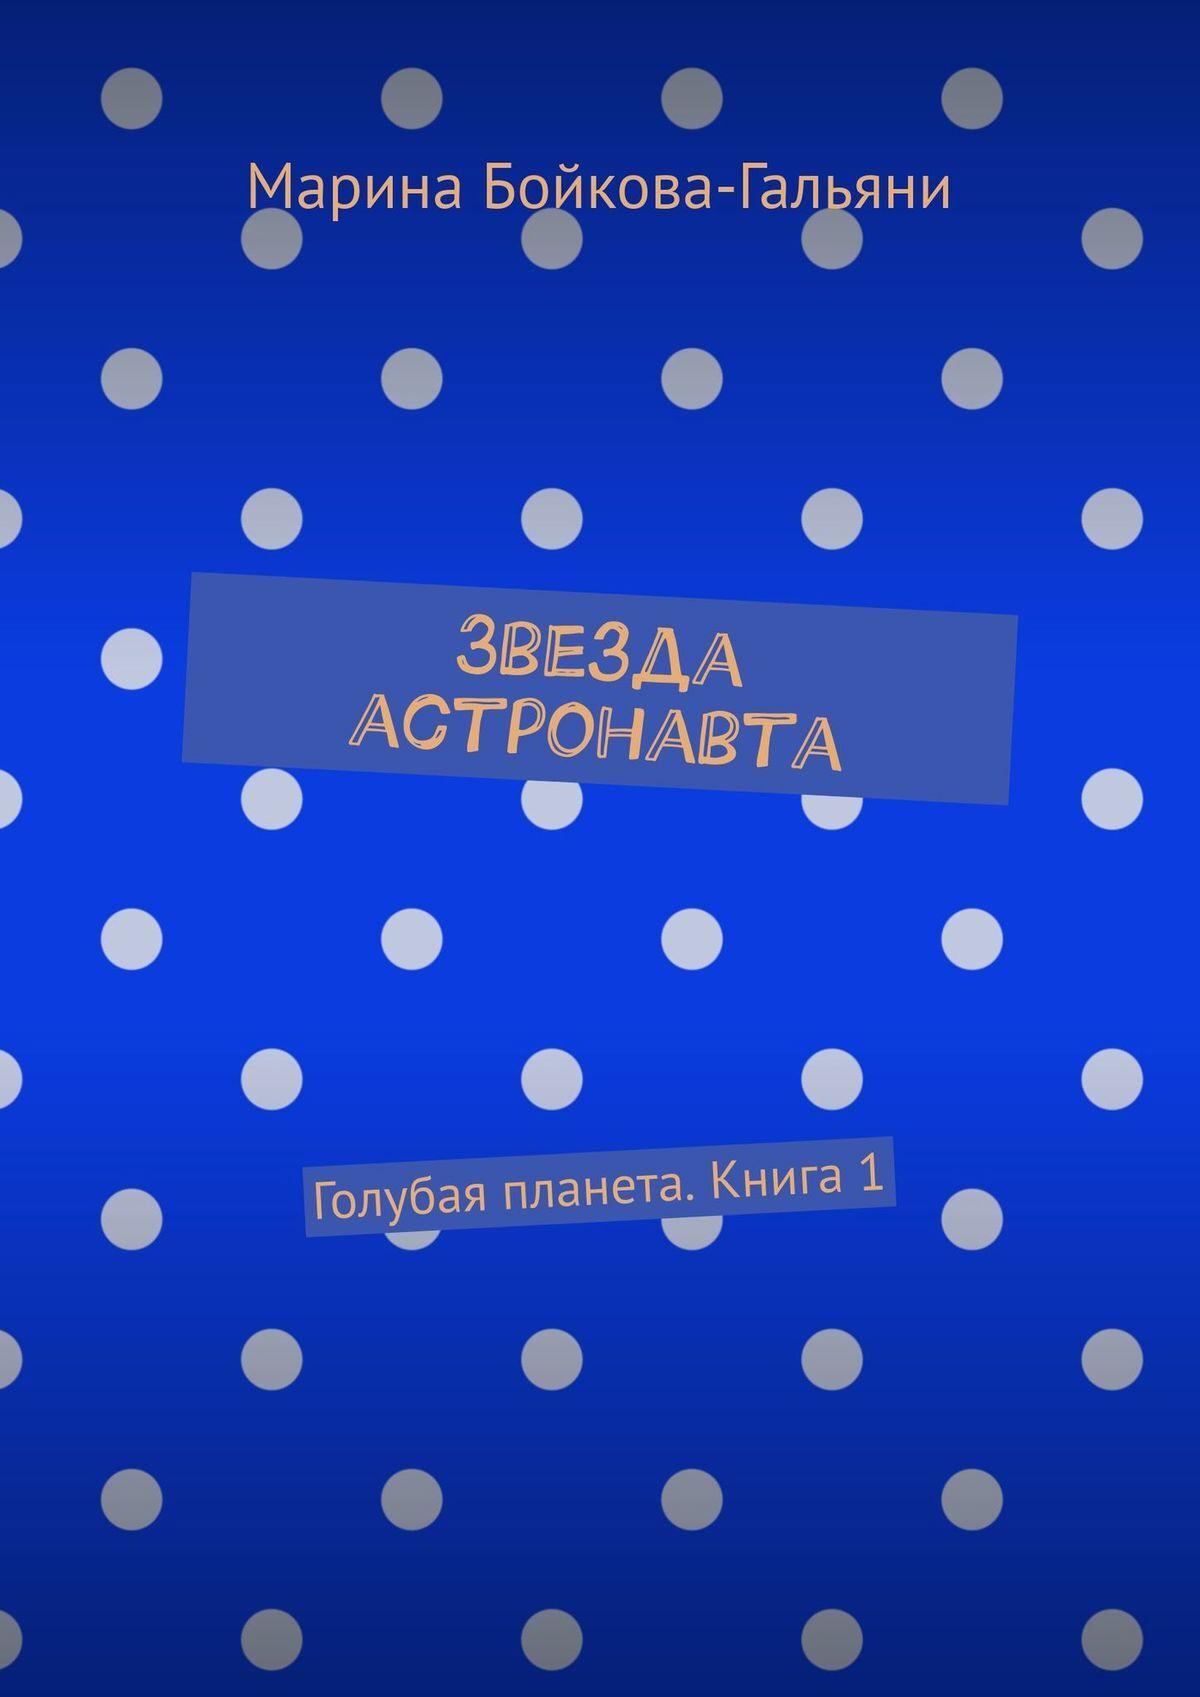 лучшая цена Марина Бойкова-Гальяни Звезда астронавта. Голубая планета. Книга 1